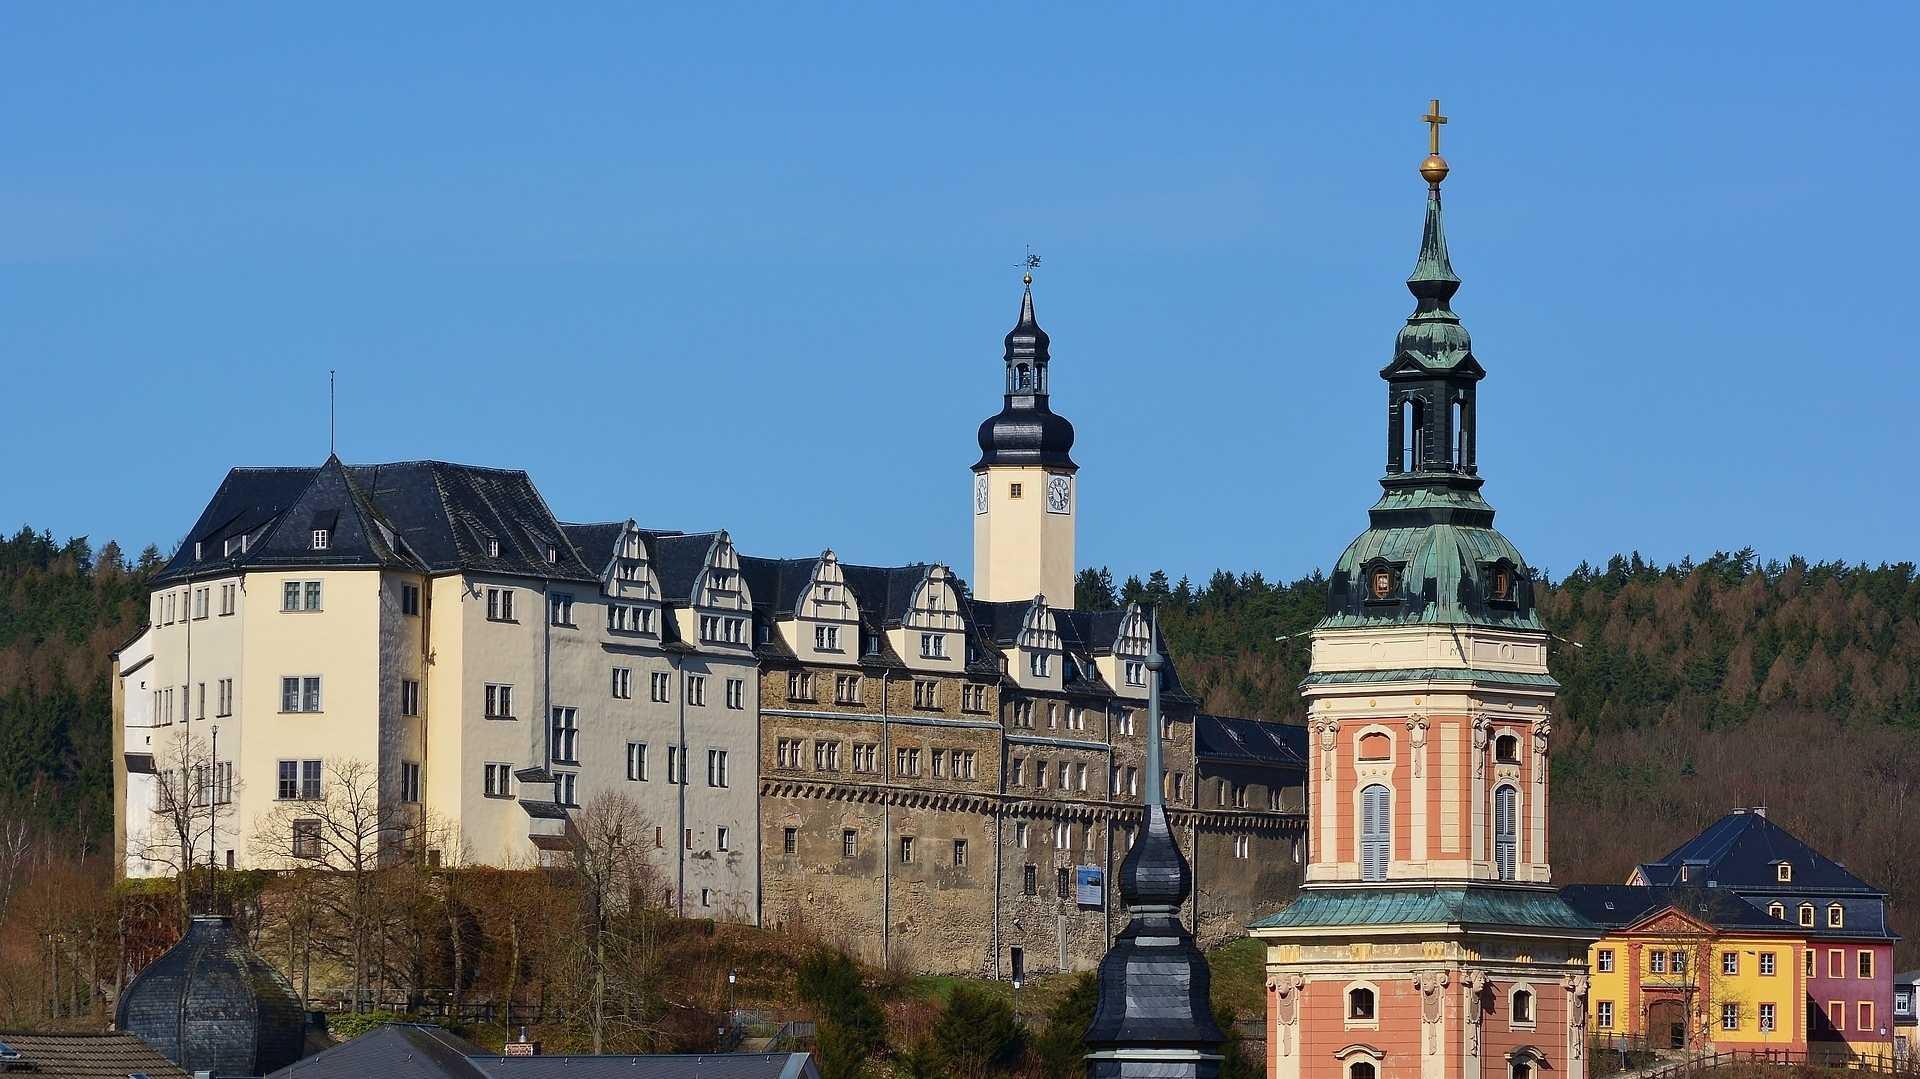 Thüringer Kultur-Tour-App seit einem Jahr verfügbar - Neue Touren